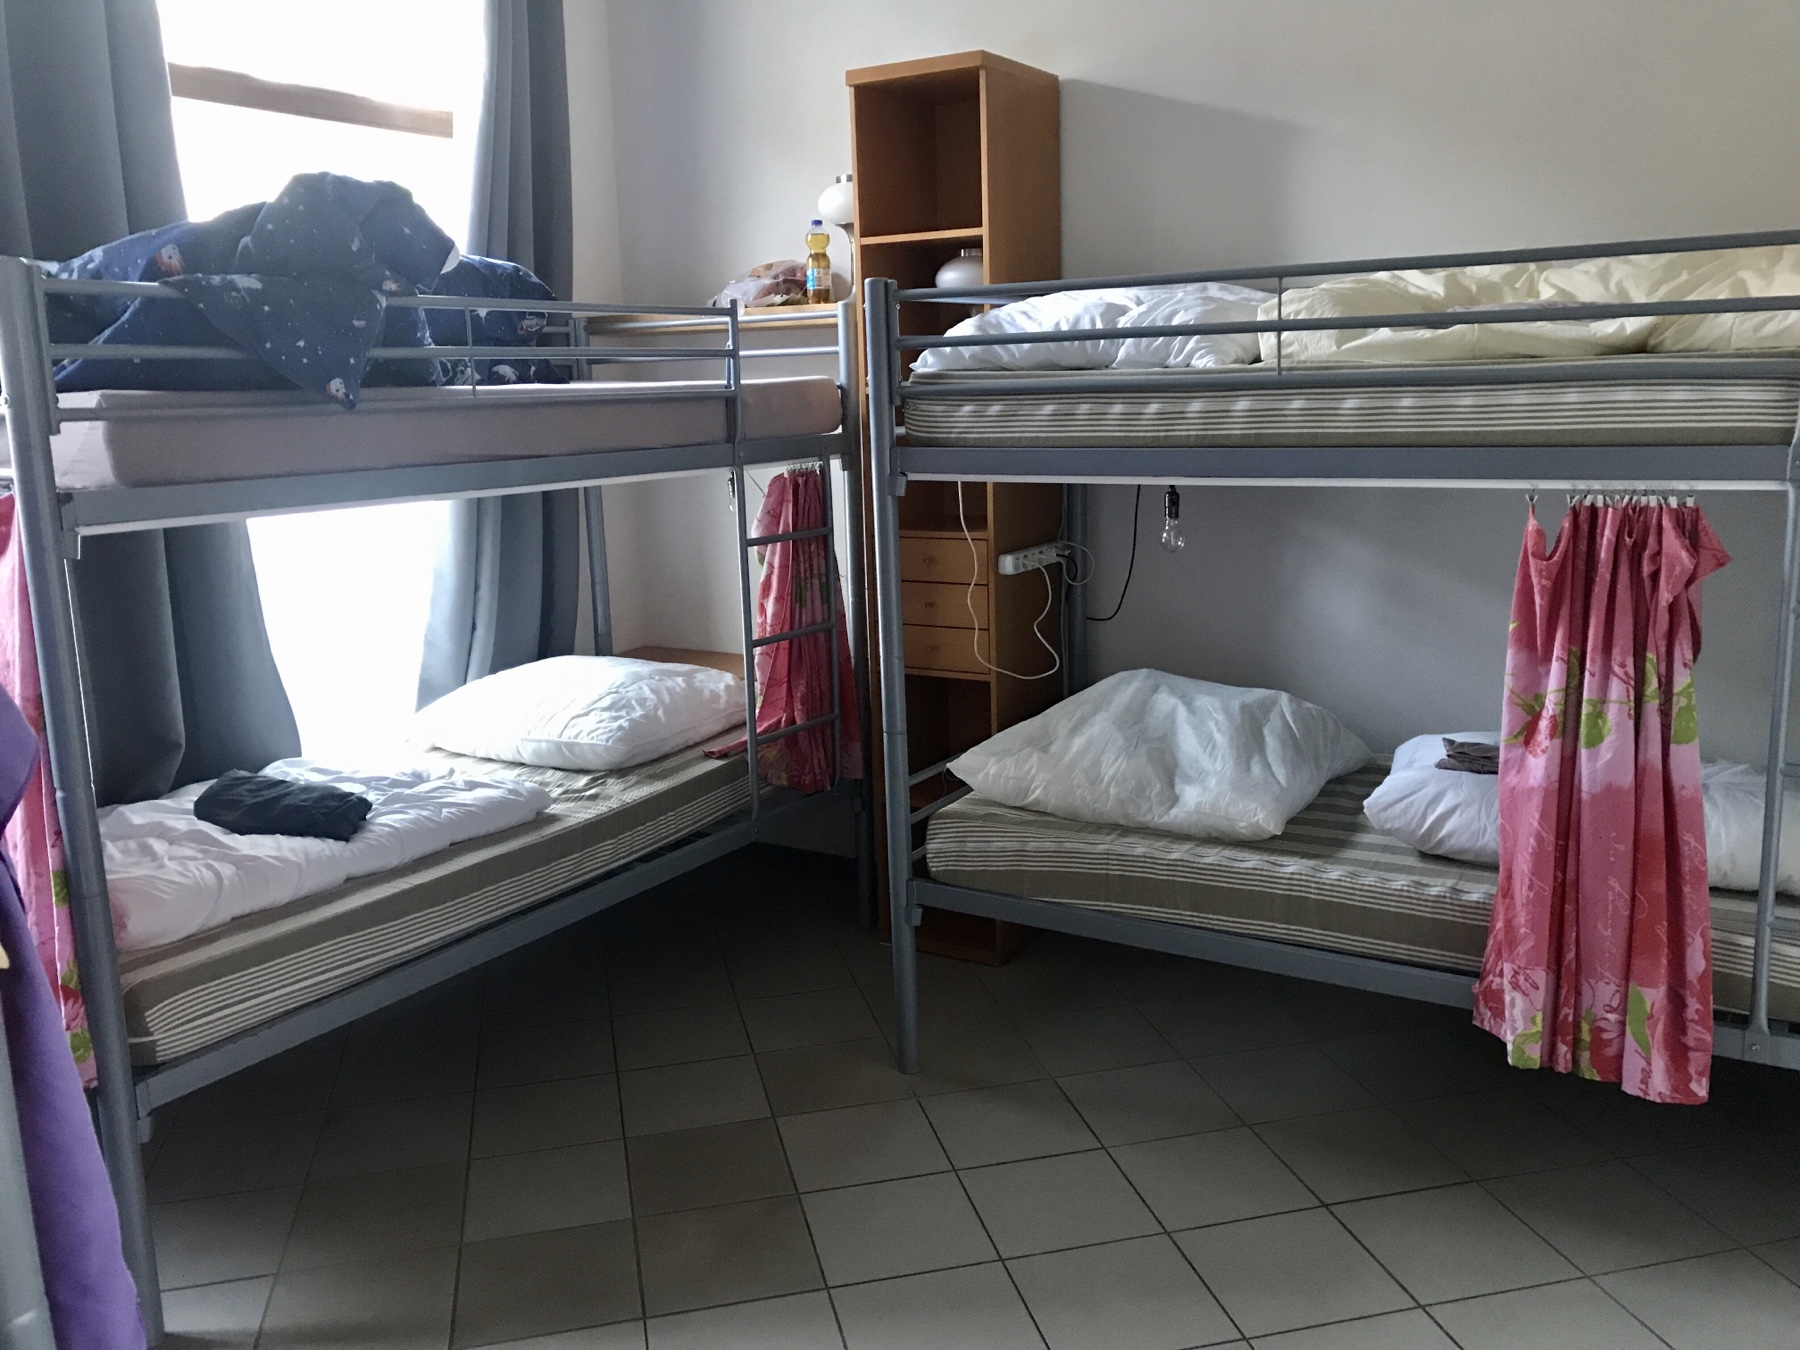 Hostel Four Lions Malerweg Etappe 7, Gohrisch Königstein